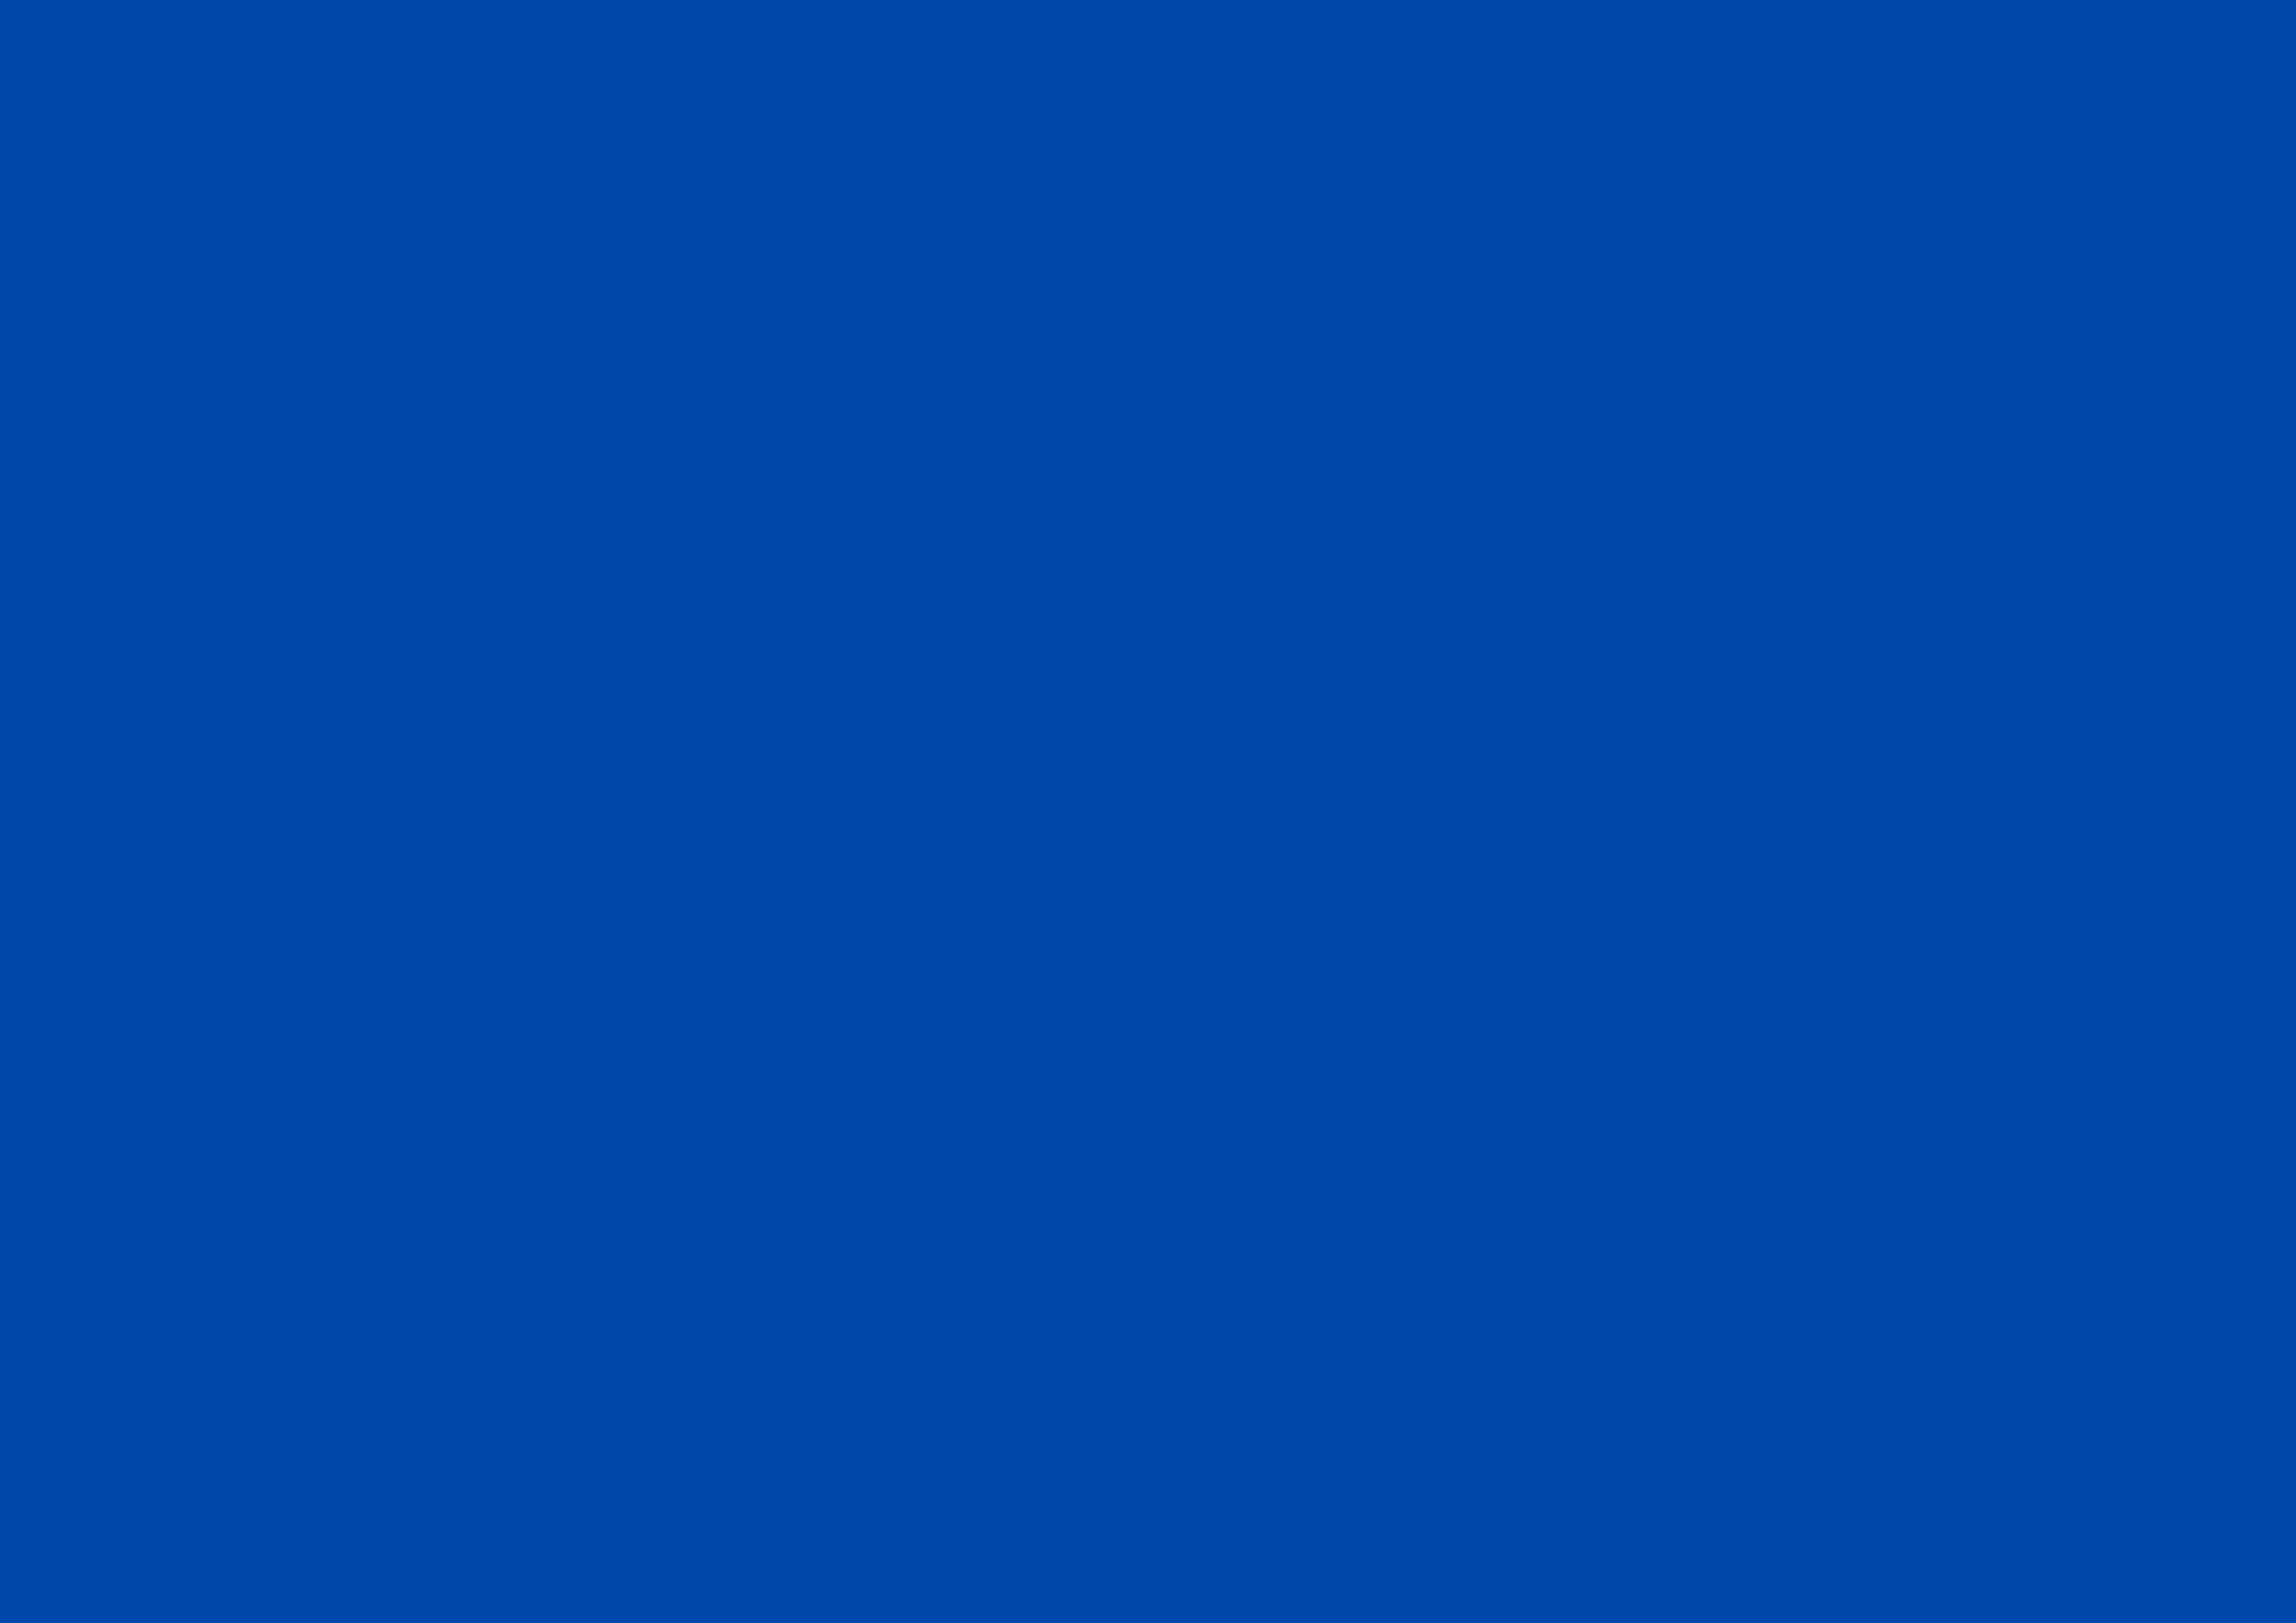 3508x2480 Cobalt Solid Color Background